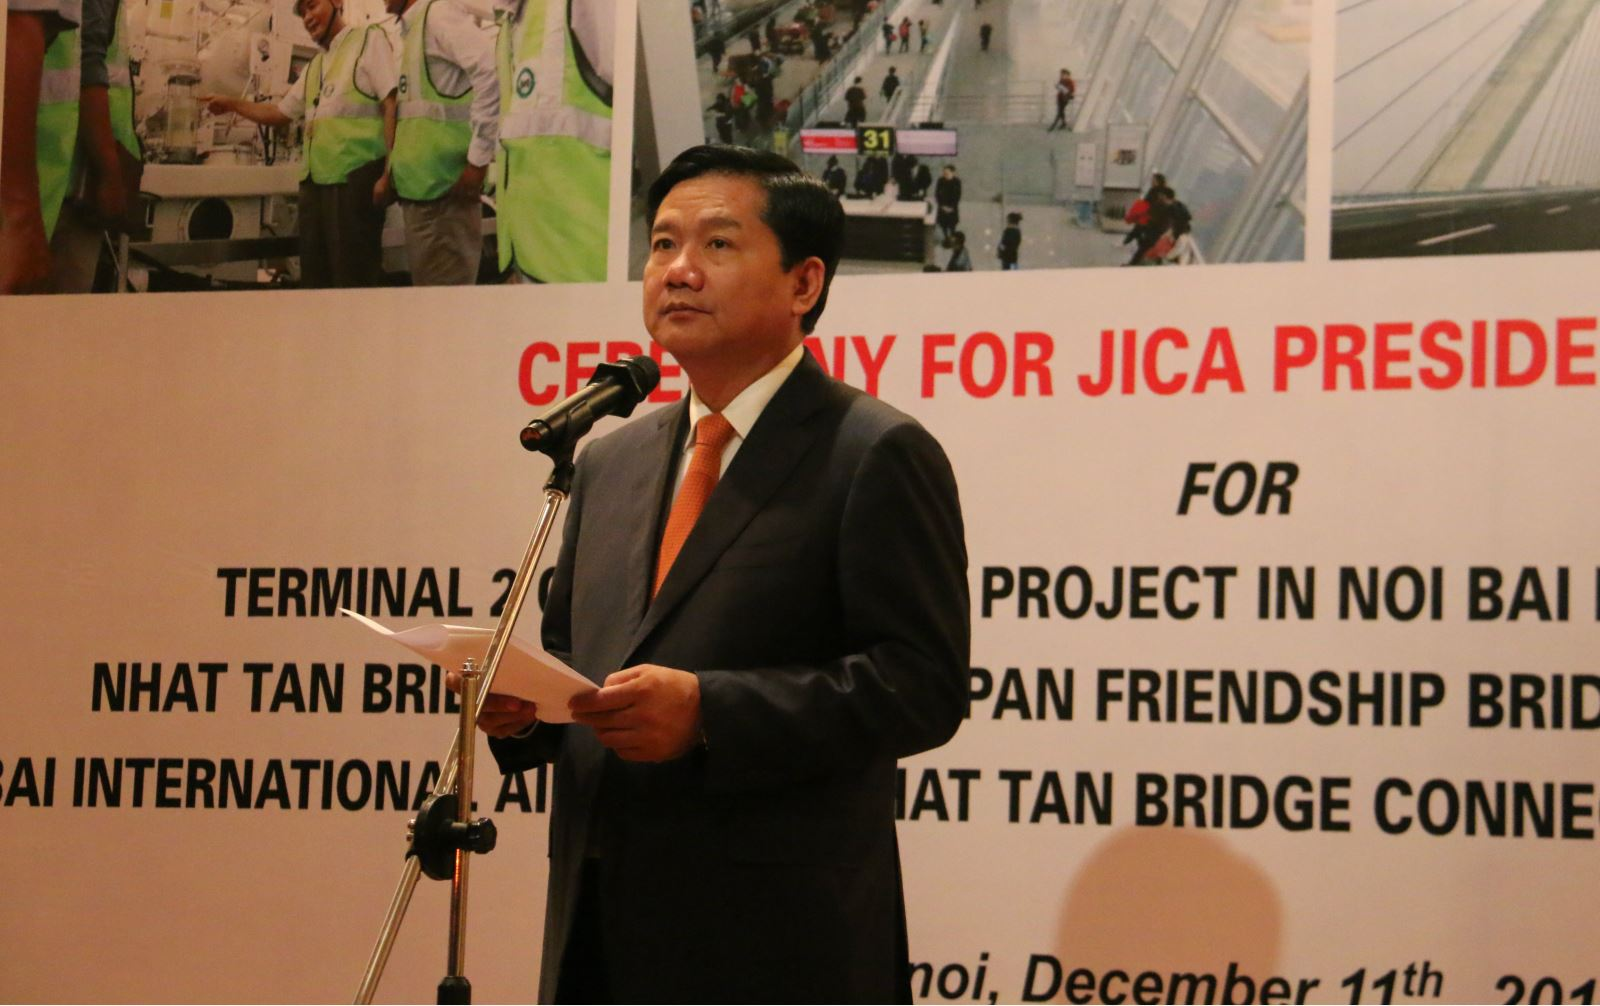 Bộ trưởng Đinh La Thăng biểu dương những đóng góp tích cực, sự hợp tác chặt chẽ, nhiệt thành để của các đơn vị để hoàn thành cụm công trình này